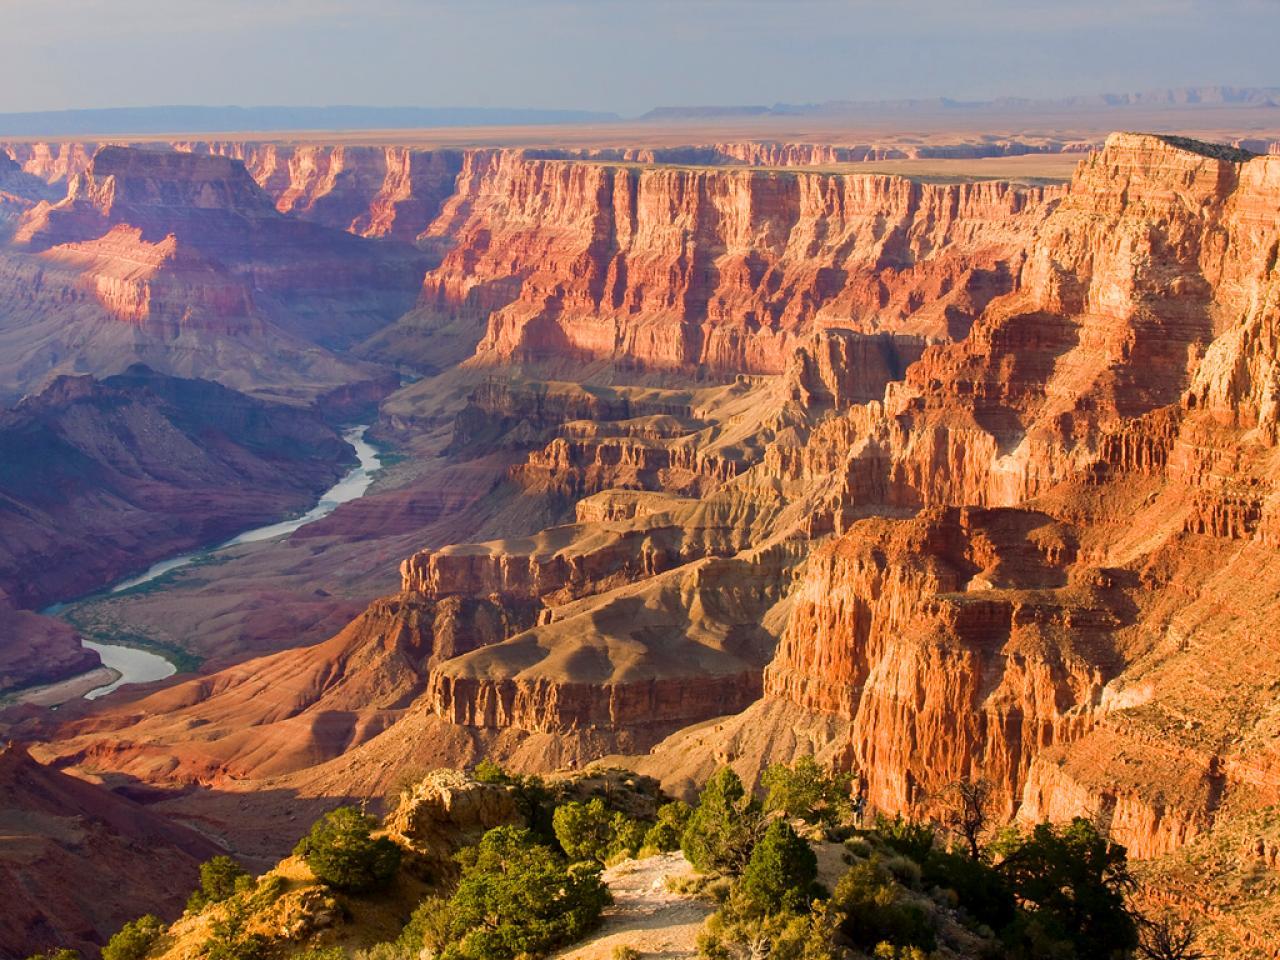 Best National Parks to visit in December